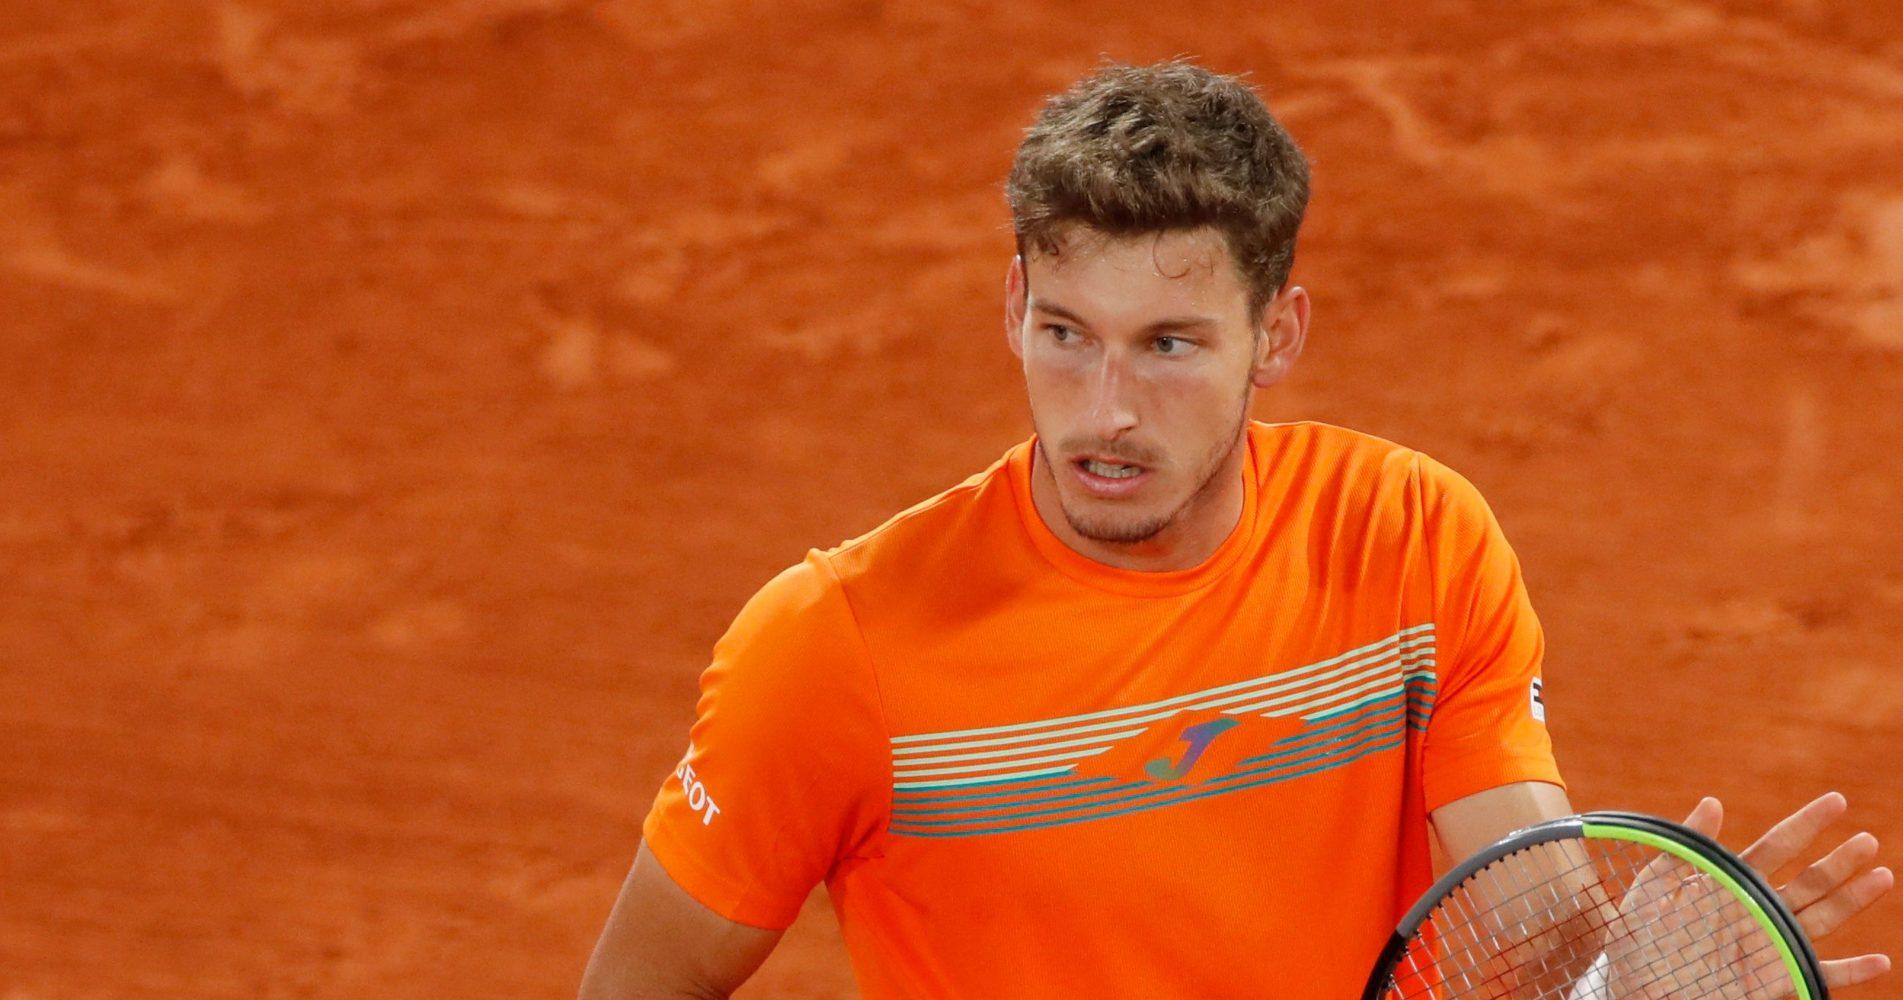 Pablo-Carreno-Busta_Roland-Garros_2020